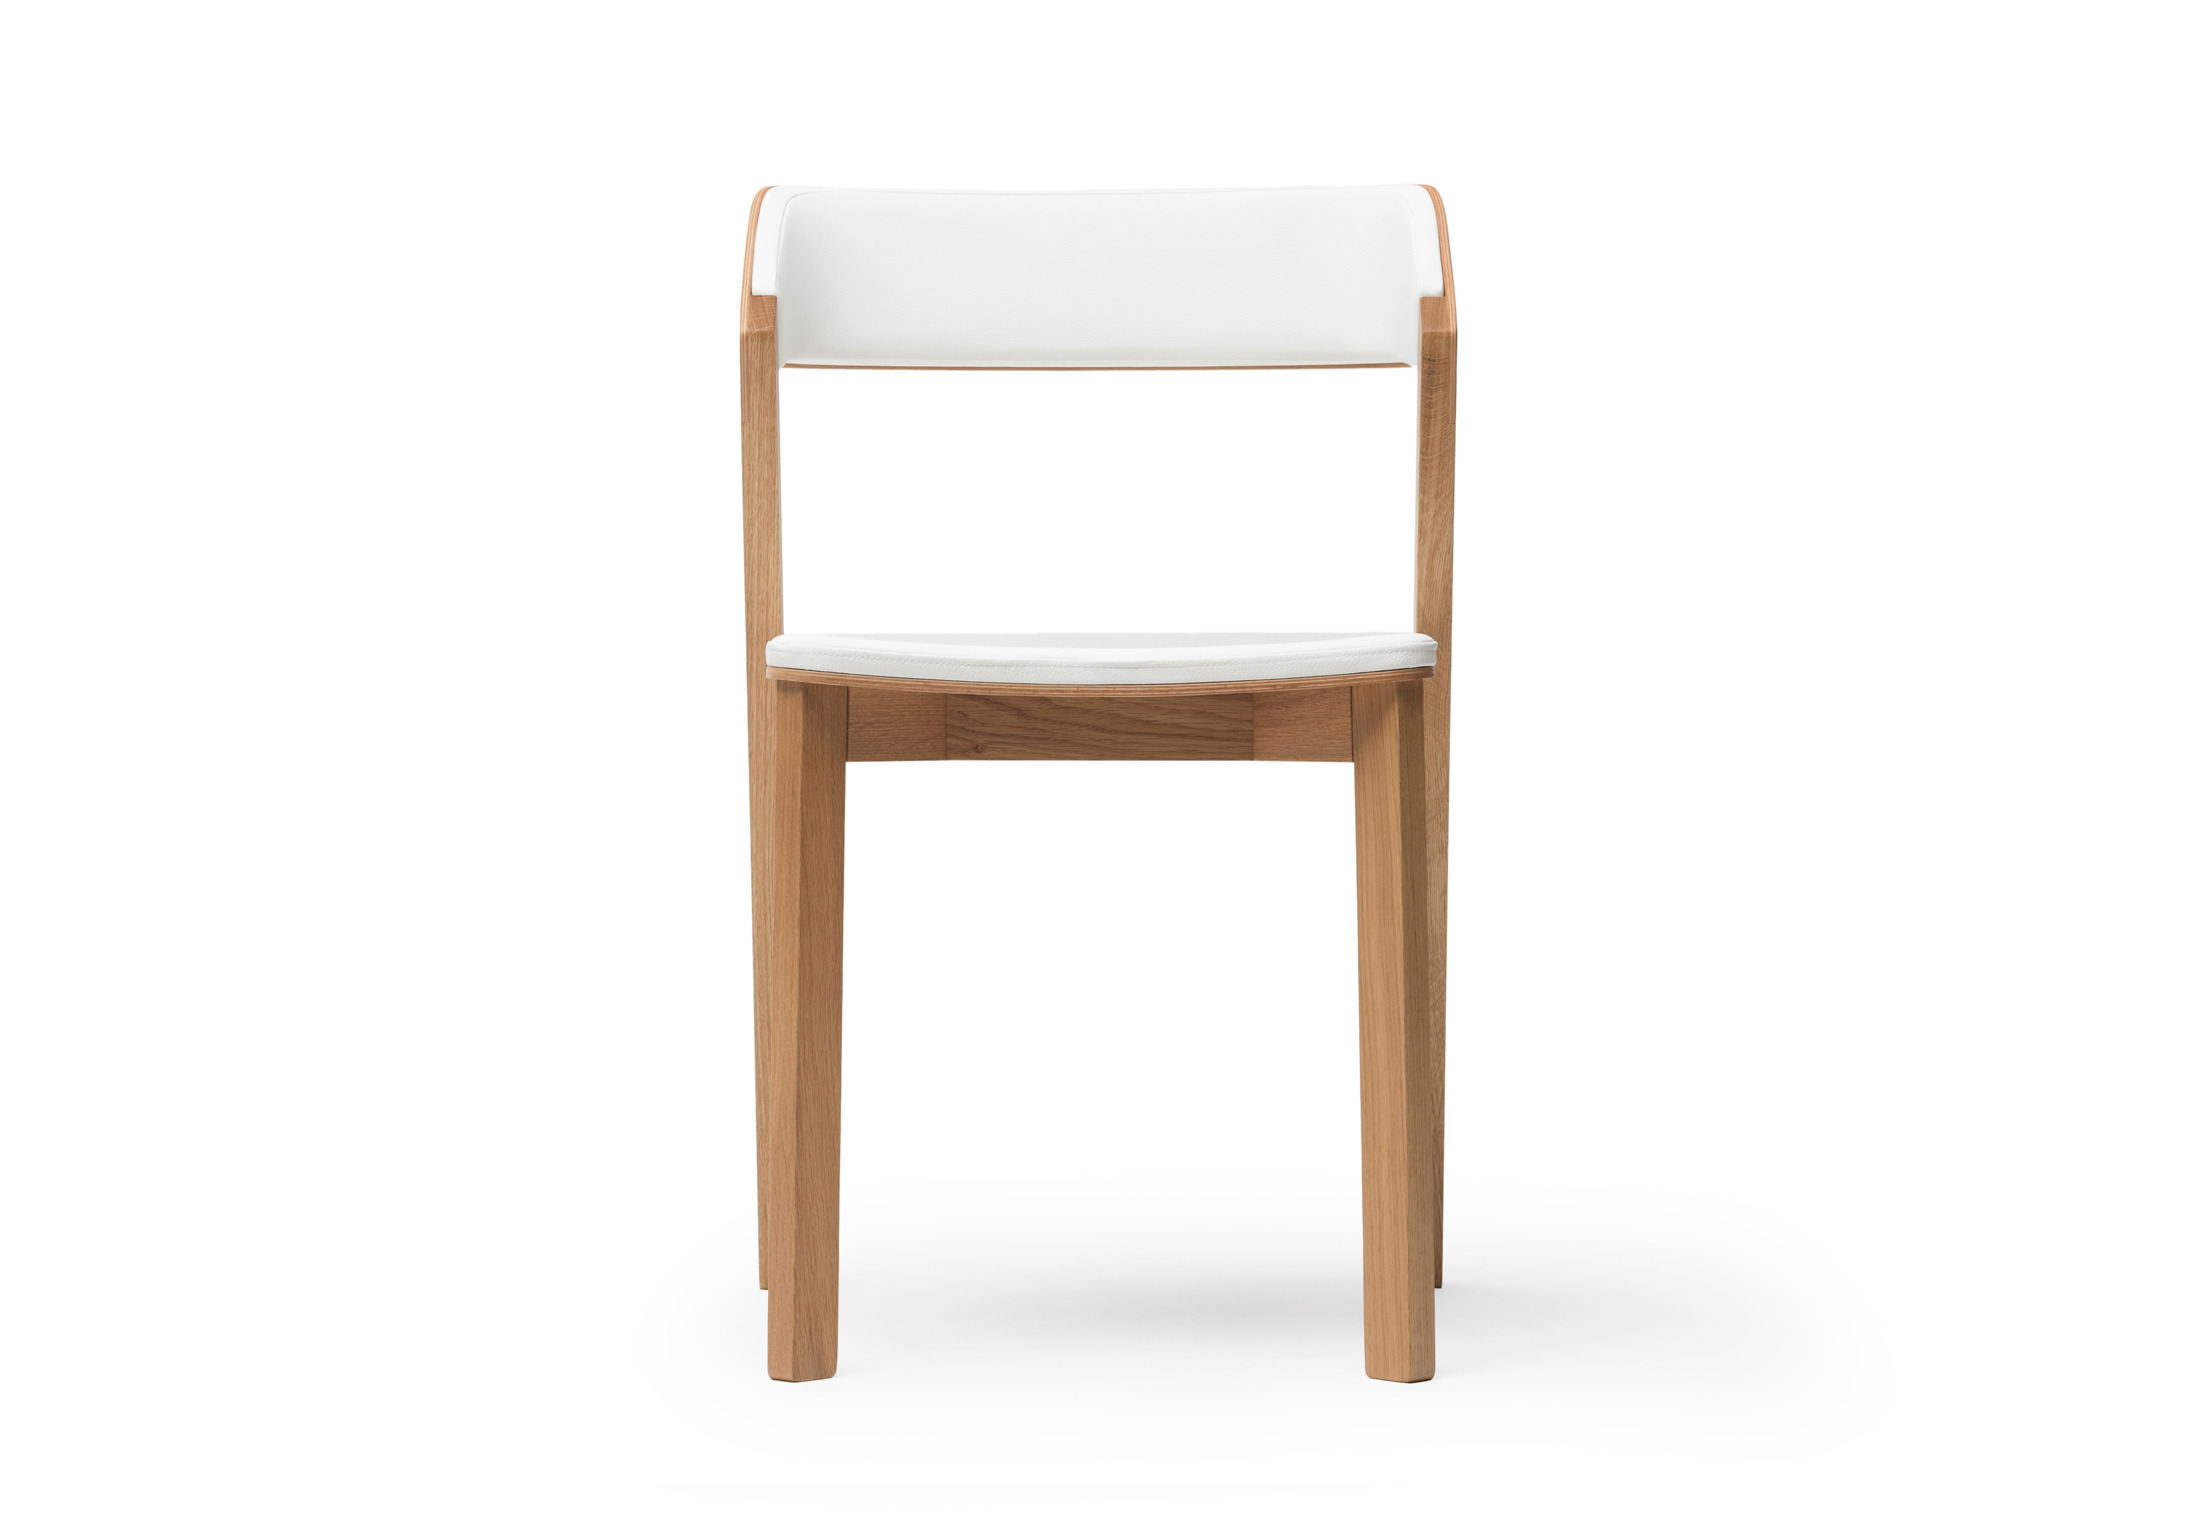 Cool Stuhl Gepolstert Ideen Von Merano